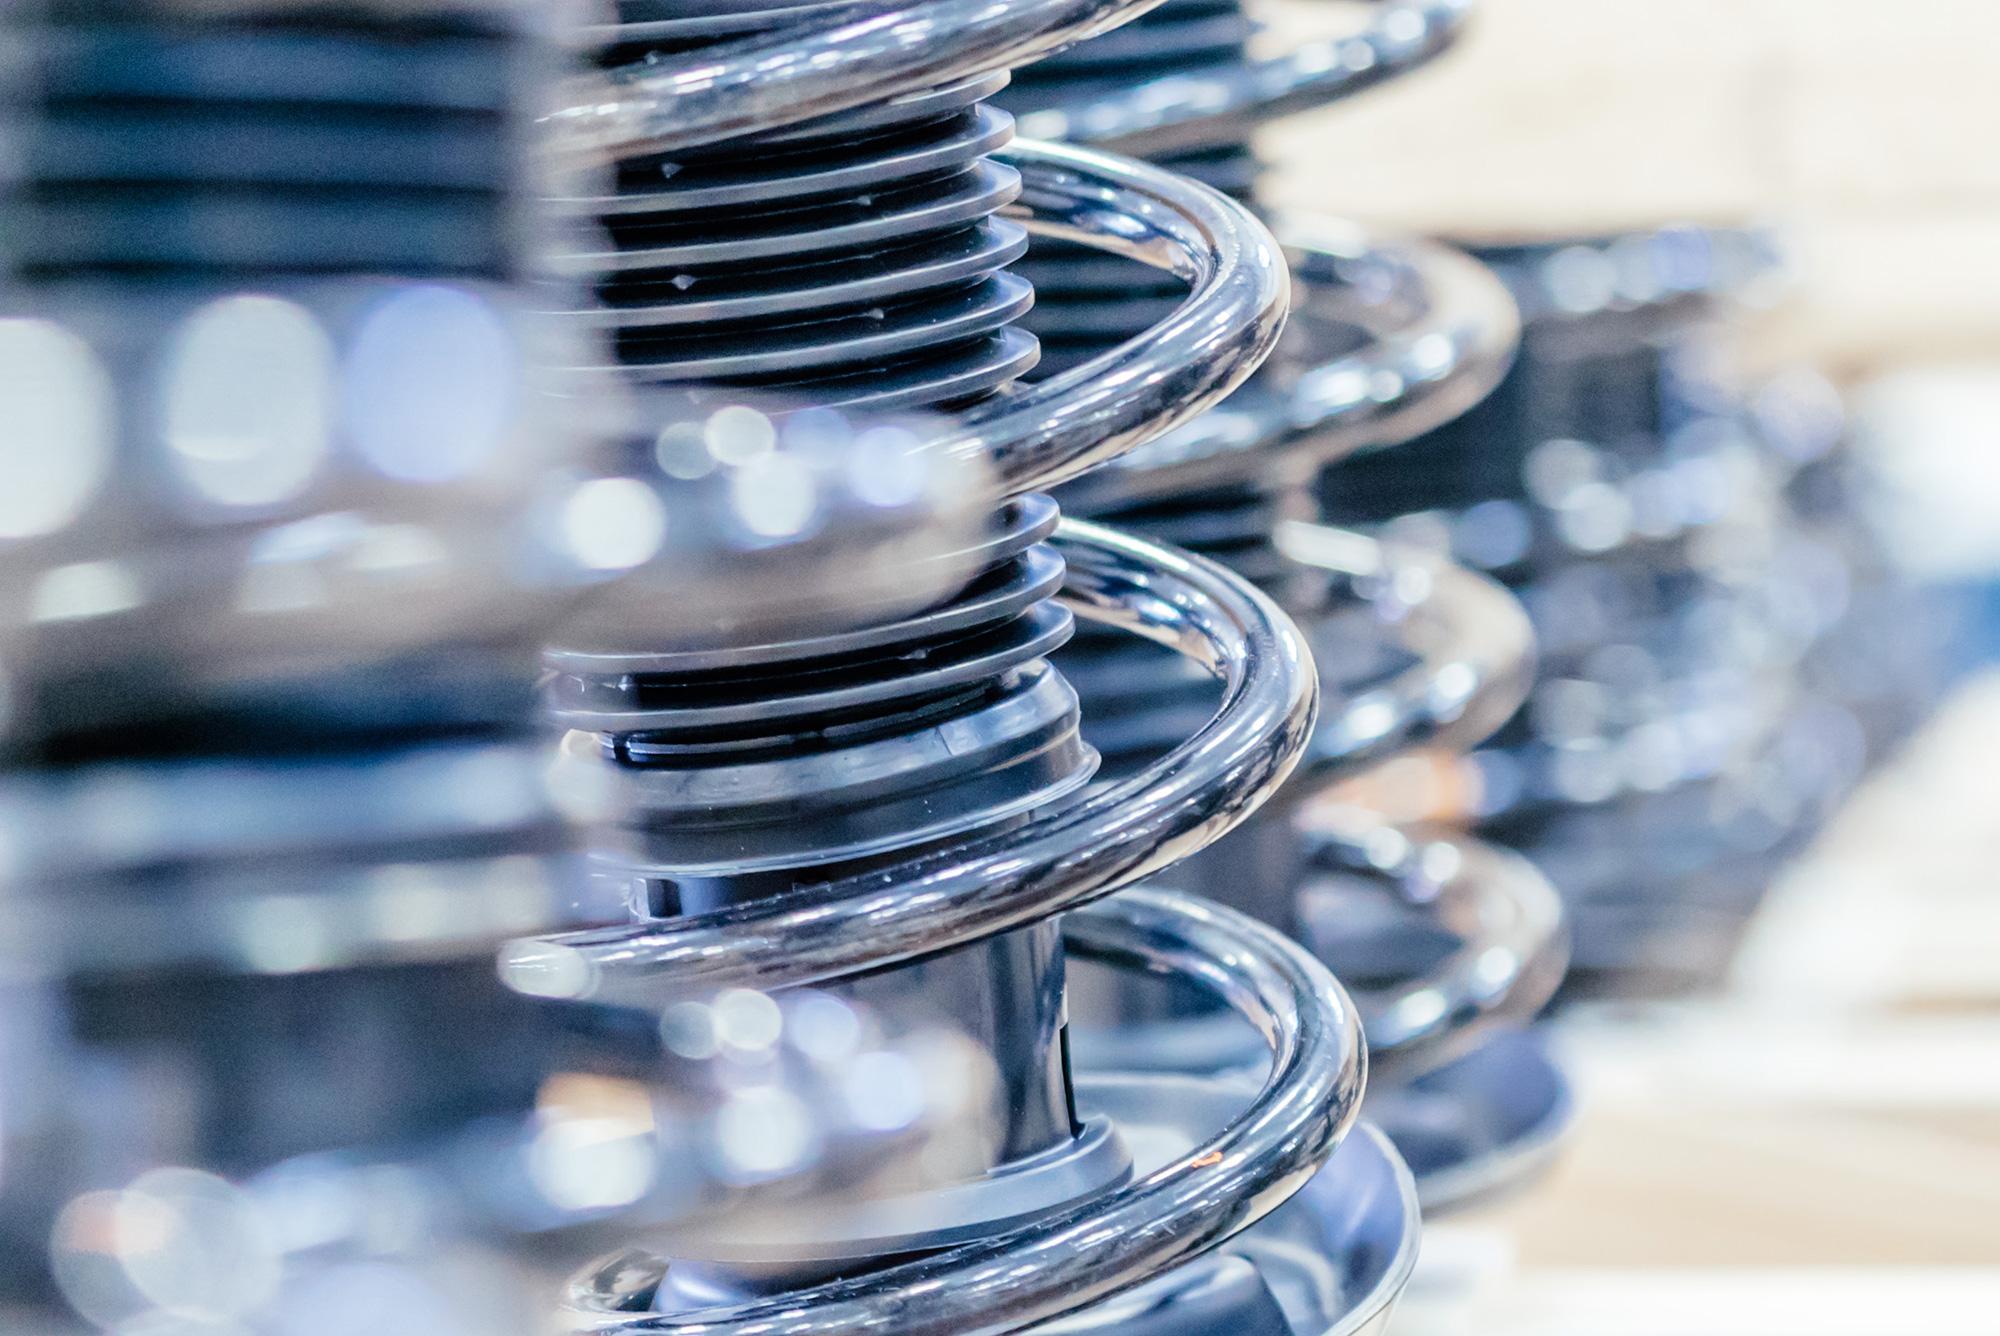 Components Technology entwickelt Hochleistungskomponenten für die Automobil-Industrie